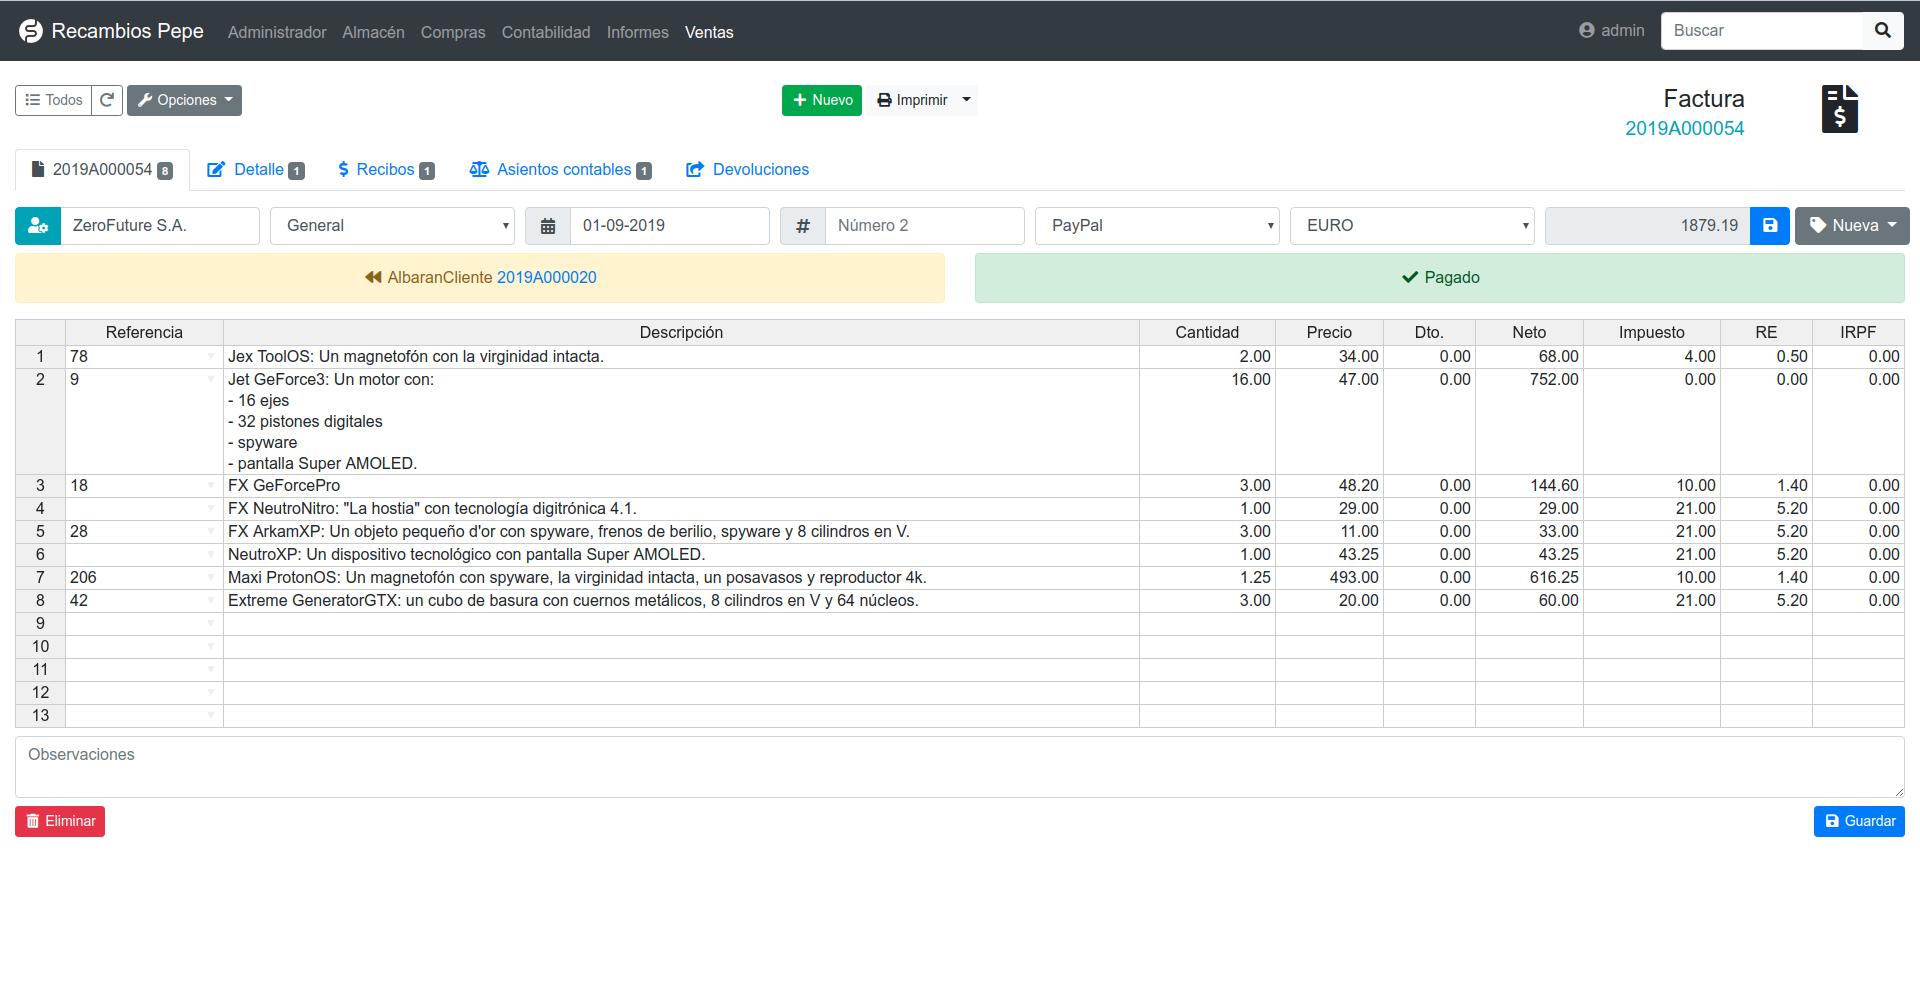 Creación de facturas con FacturaScripts